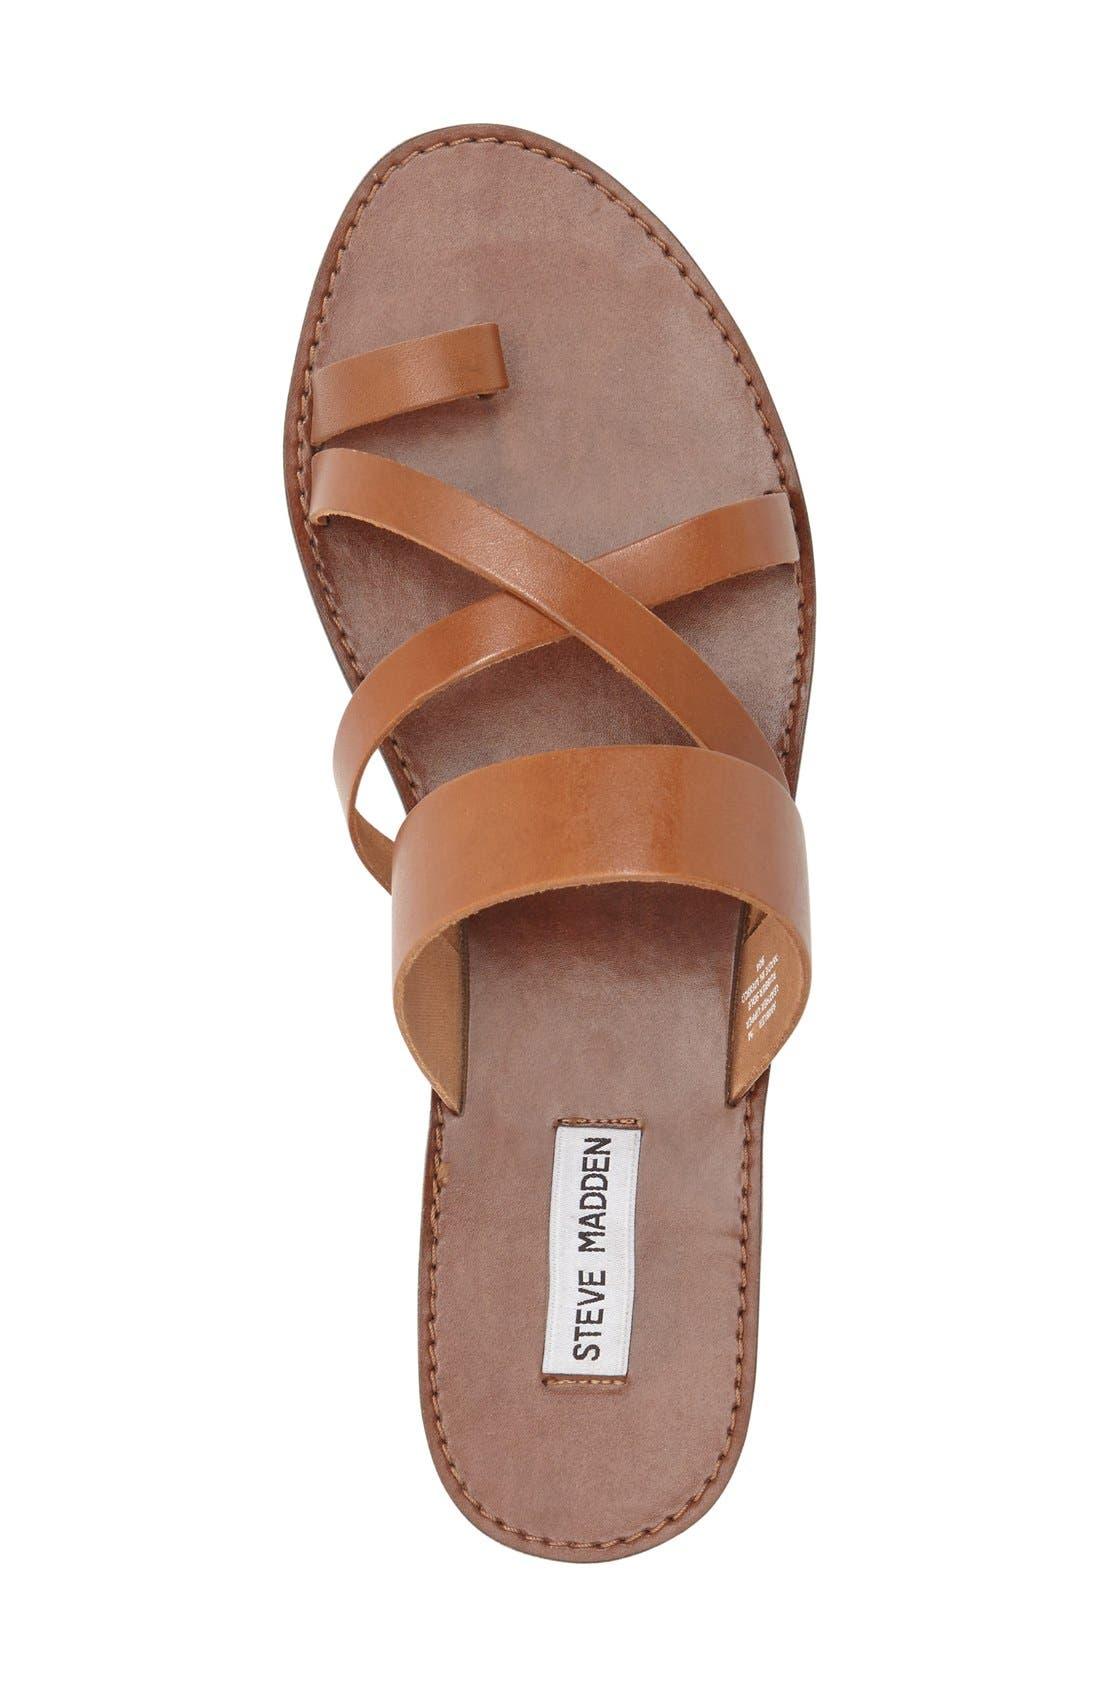 Alternate Image 3  - Steve Madden 'Ambler' Sandal (Women)